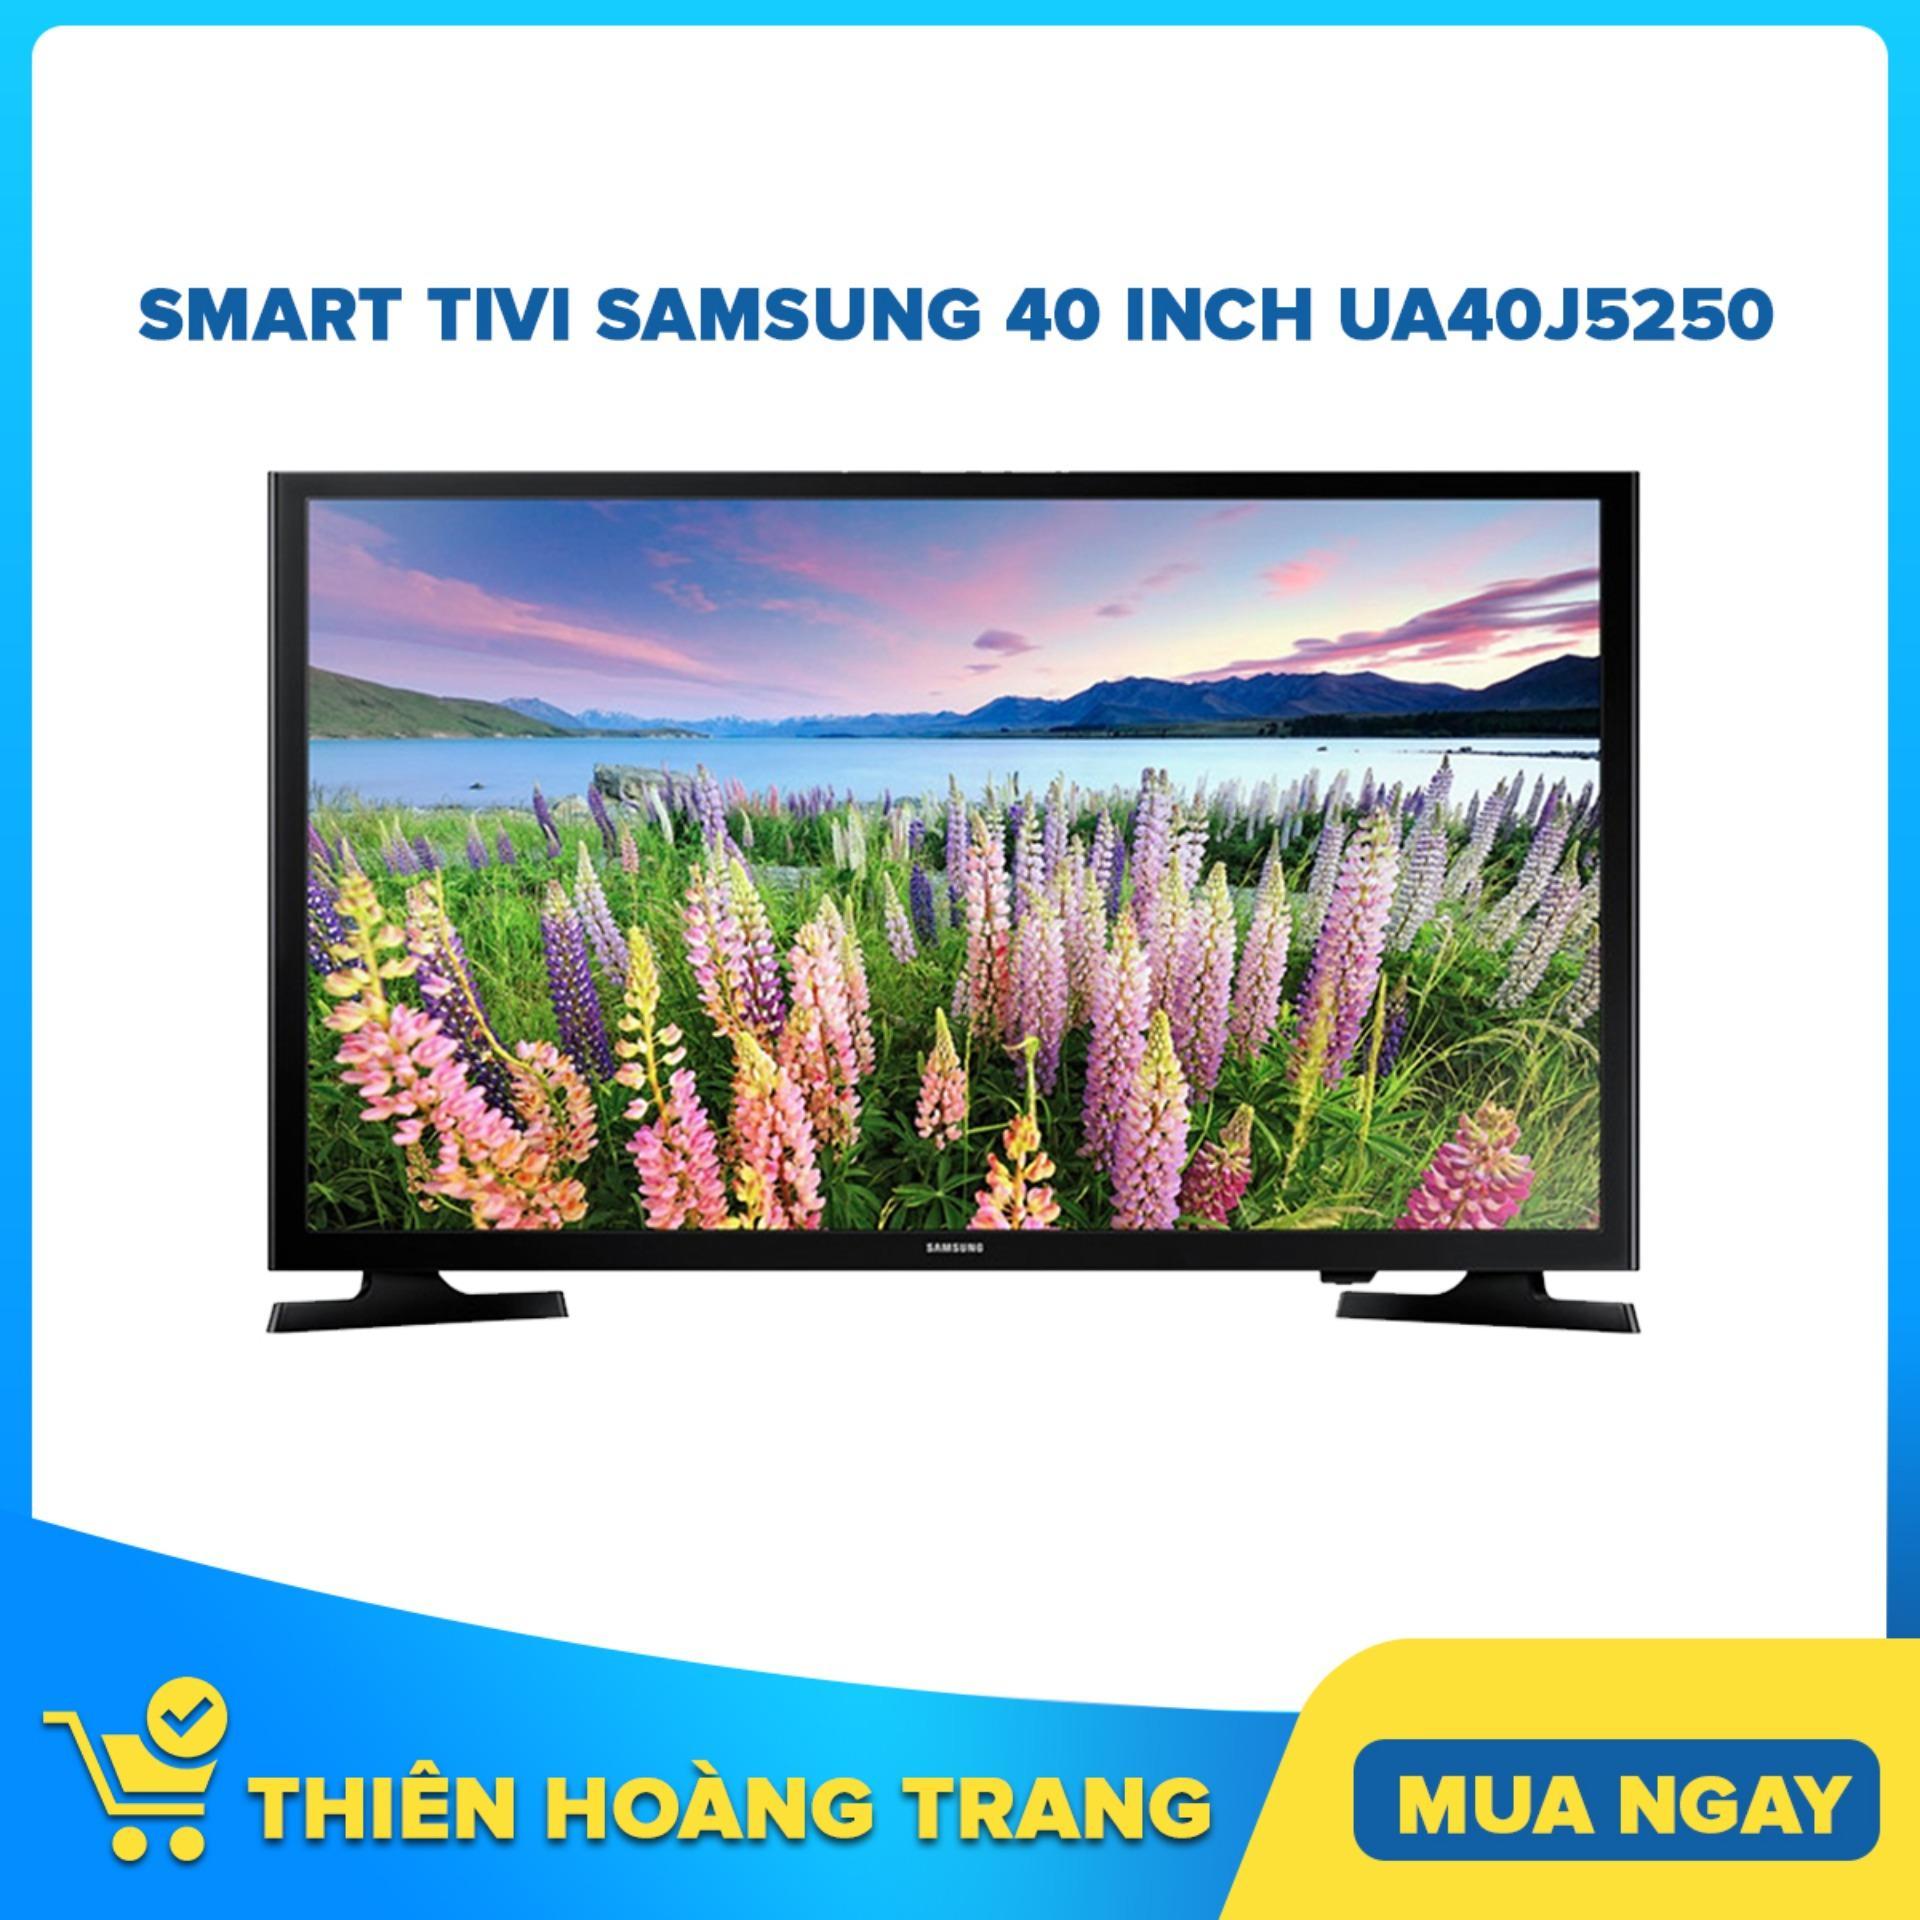 Smart Tivi Samsung 40 inch UA40J5250